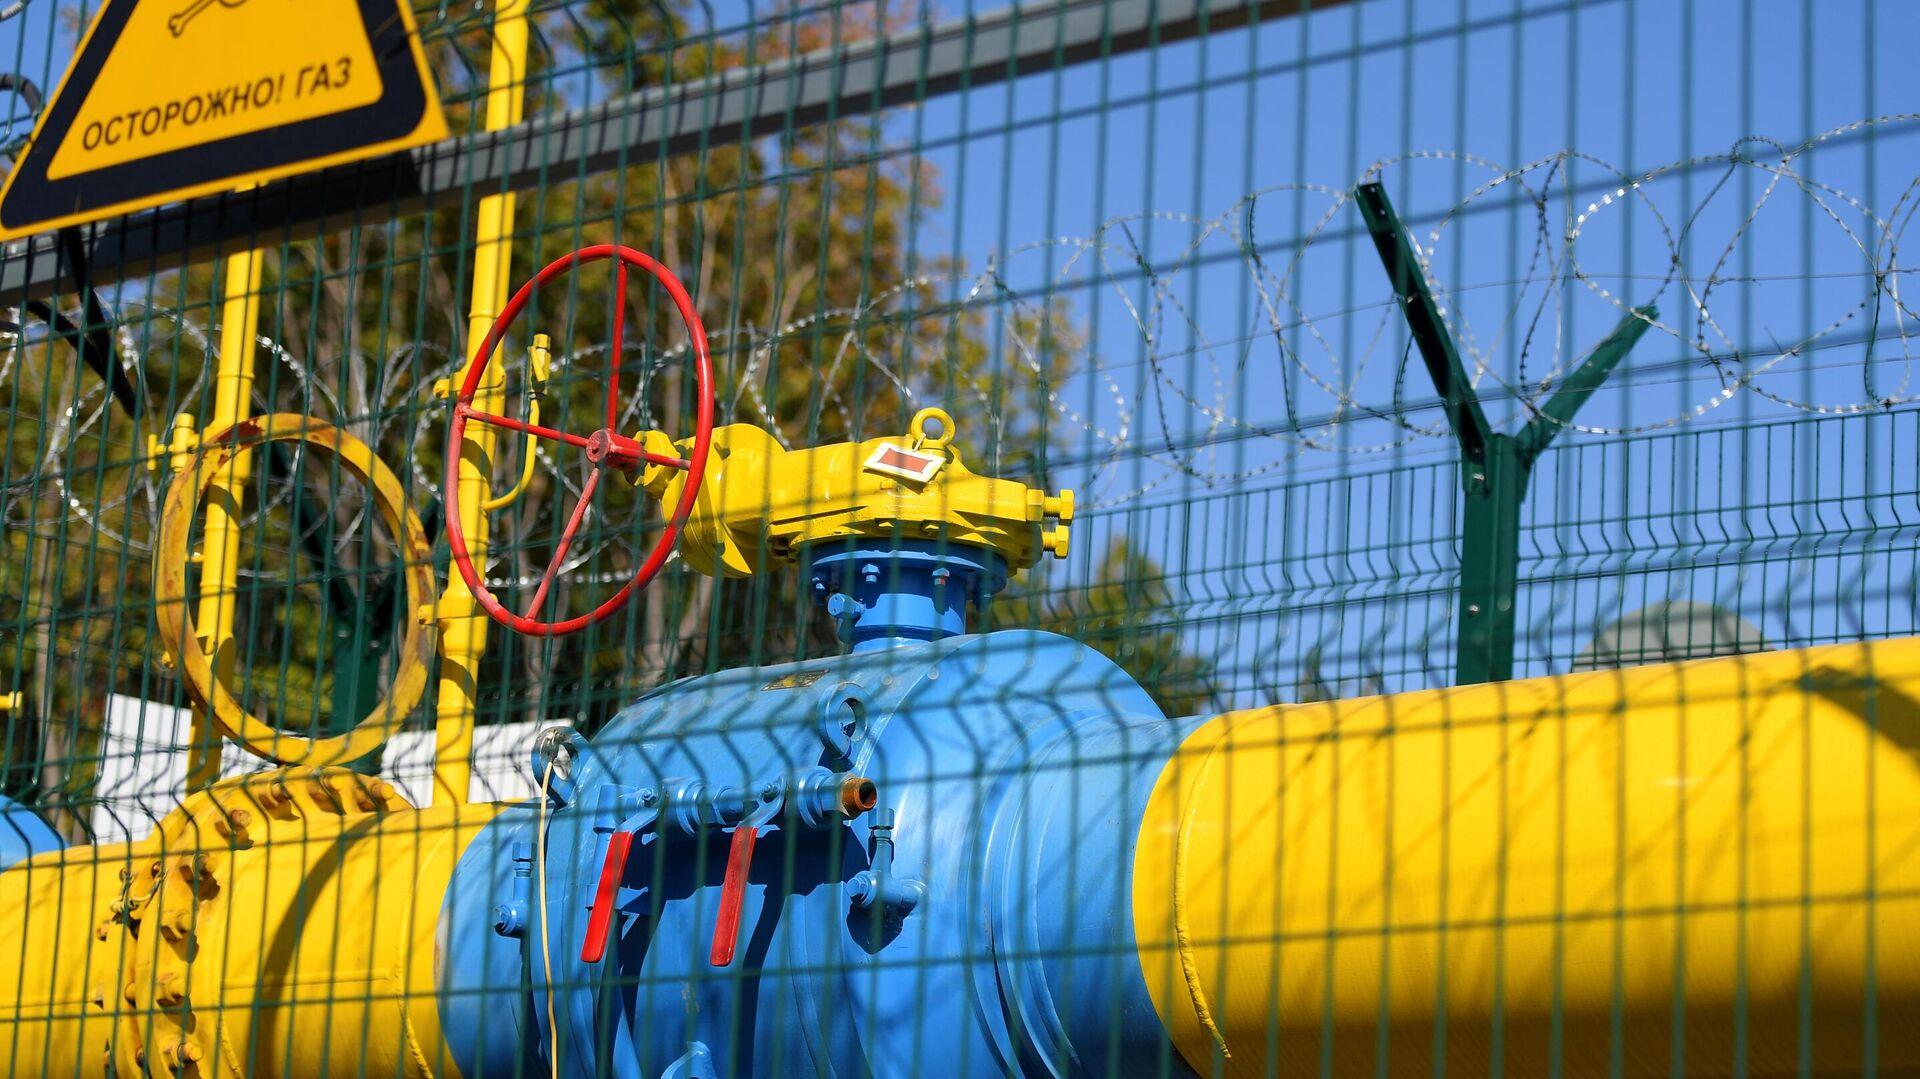 Газопровод высокого давления от ГРС №2 Елабуга Центральная - ПАО Нижнекамскнефтехим - РИА Новости, 1920, 09.09.2021